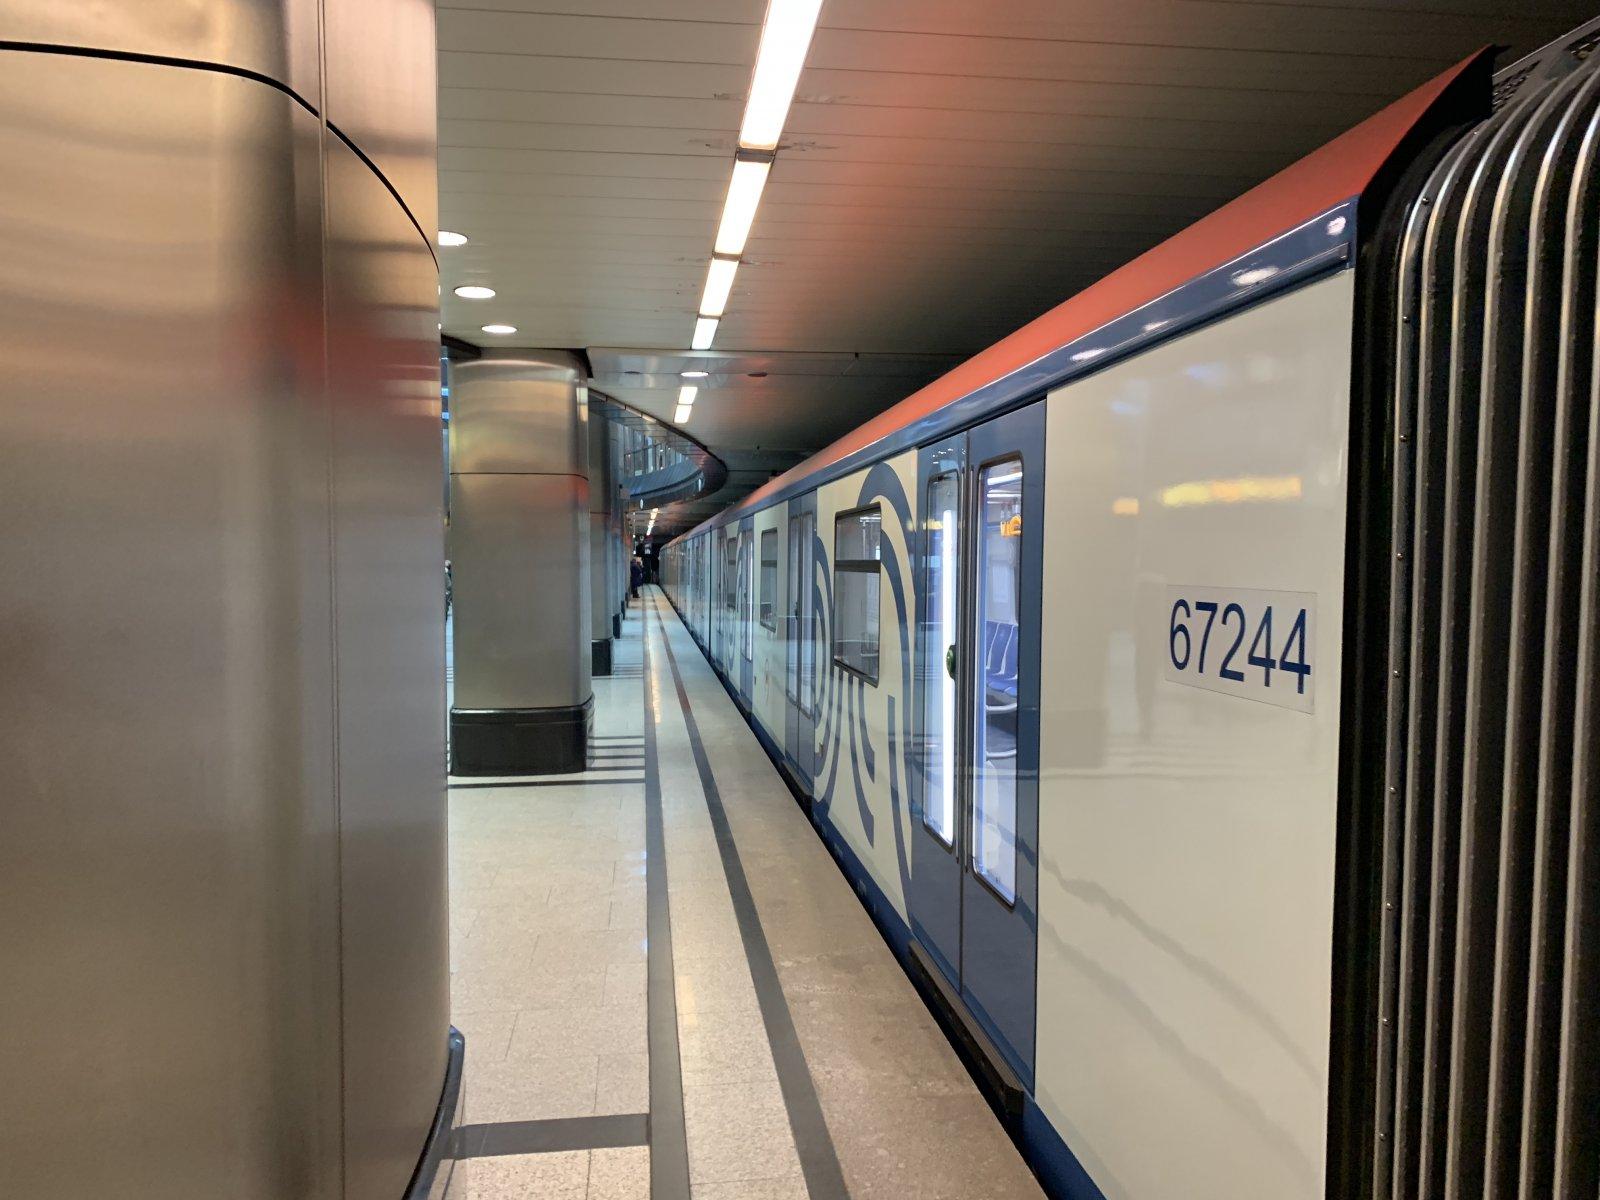 Рублево-Архангельскую линию метро начнут строить не ранее чем через 2 года